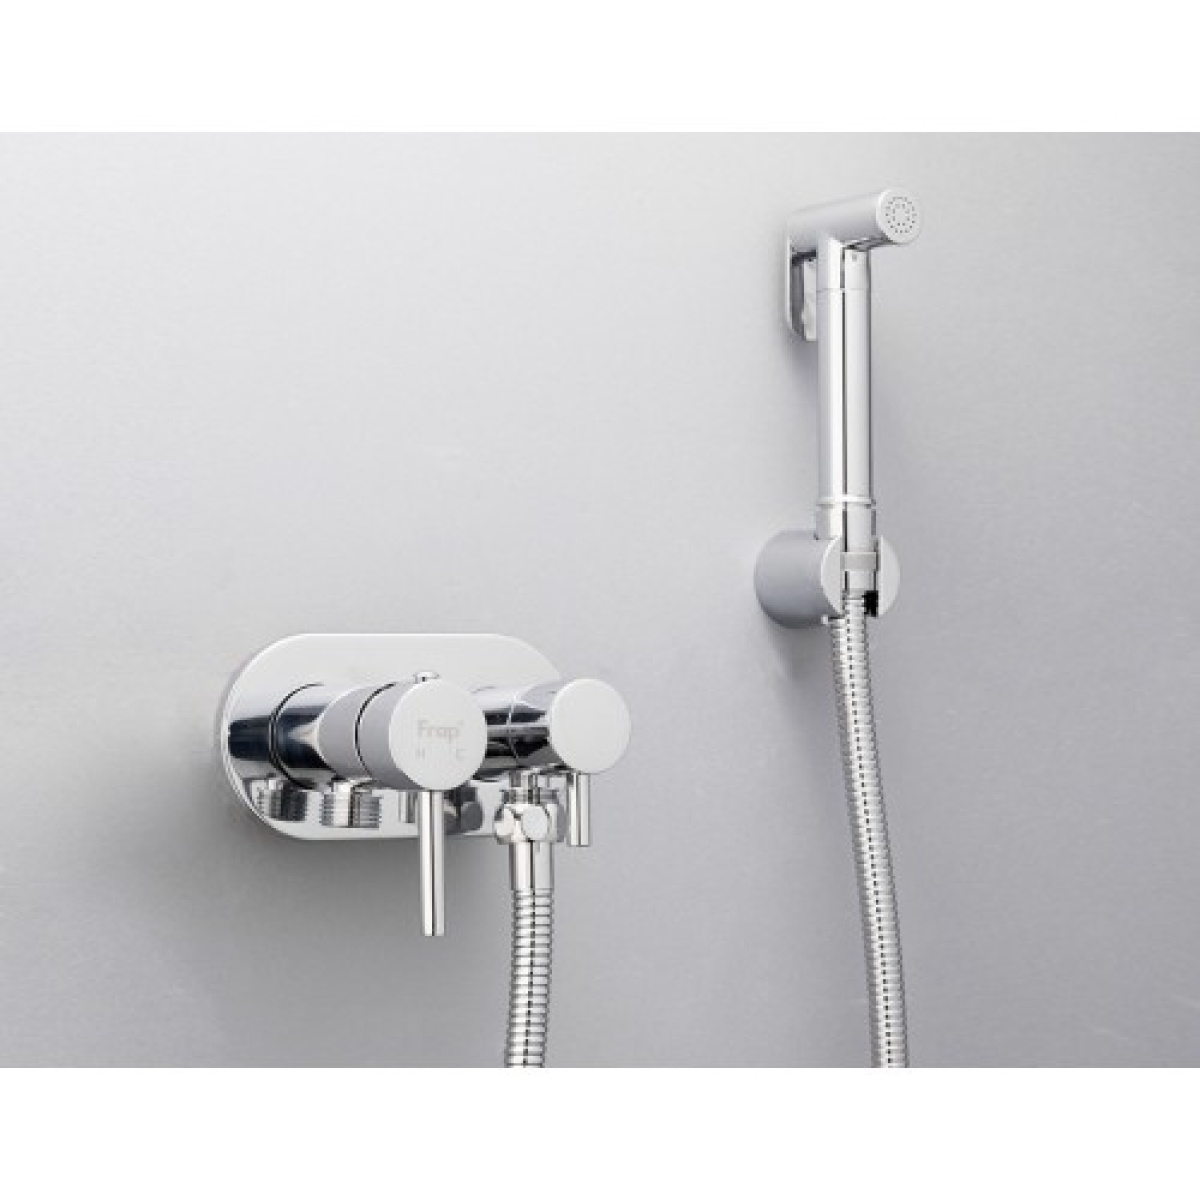 Гигиенический душ со смесителем латунь/хром frap f7508